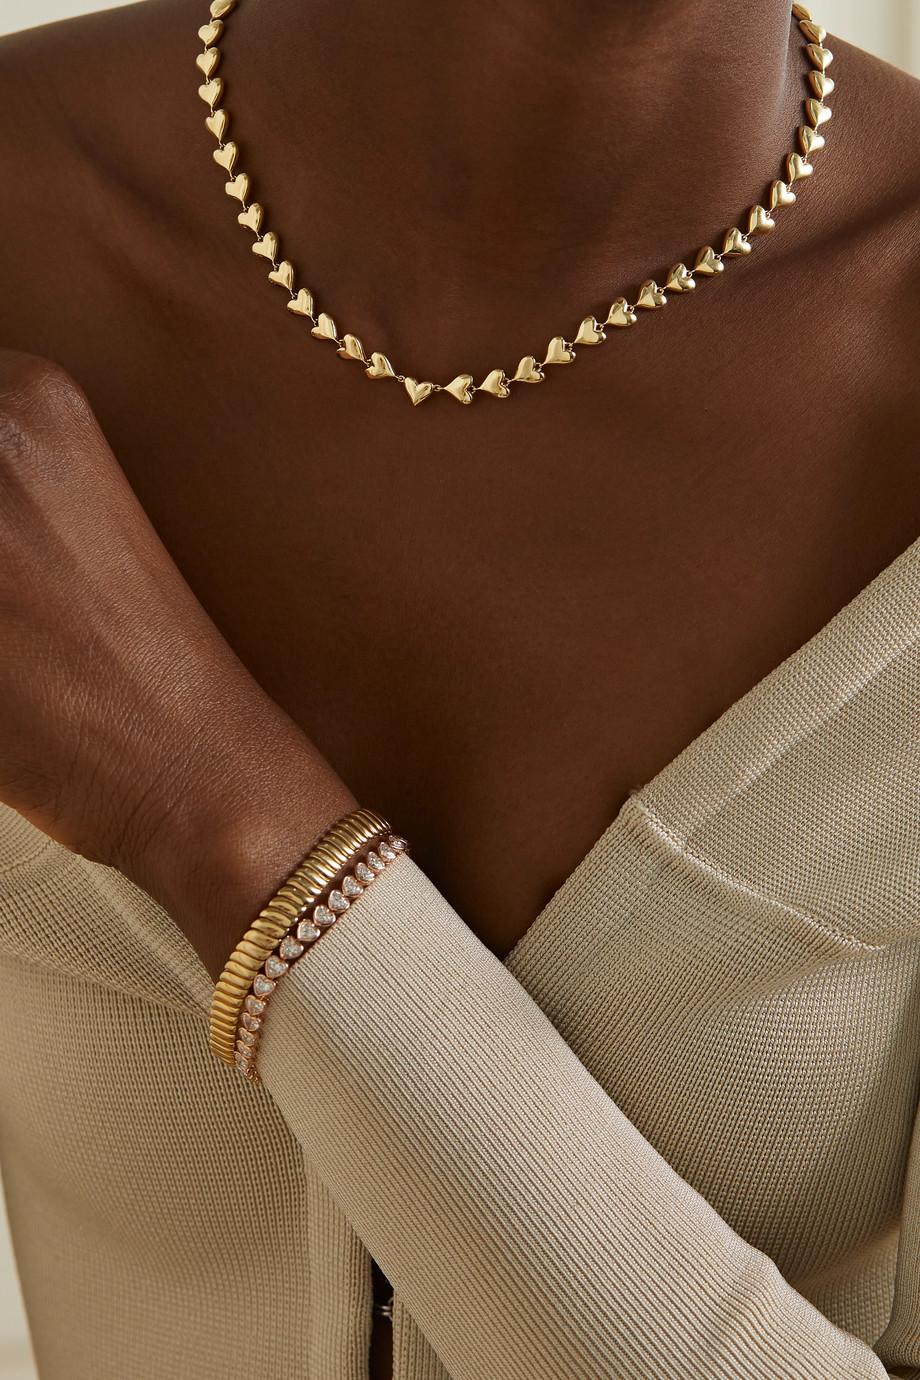 Anita Ko Kette aus 18 Karat Gold